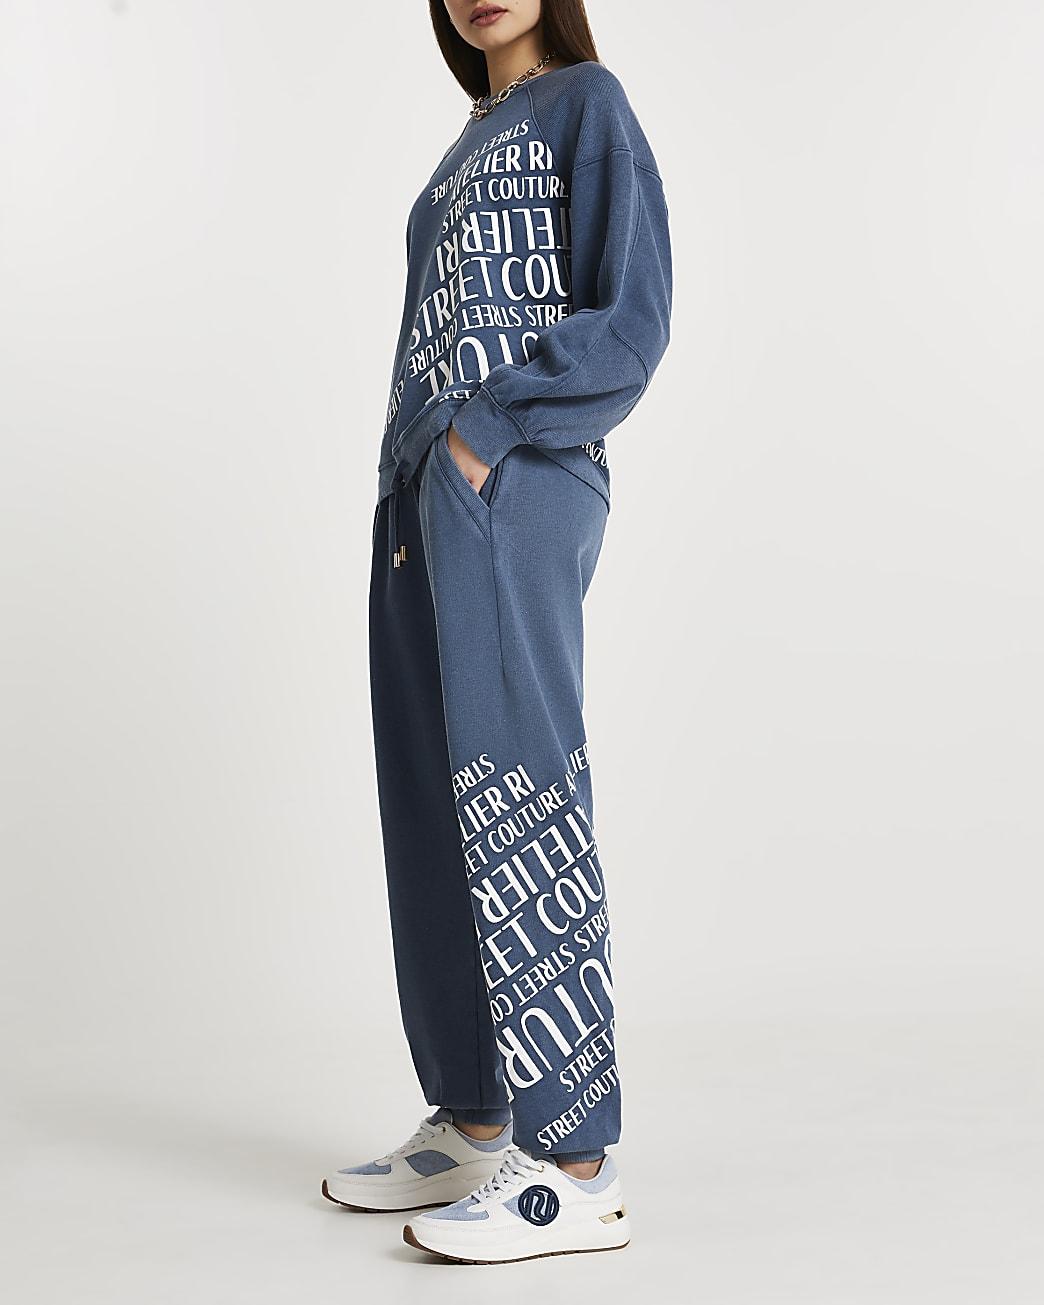 Blue denim RI slogan print cuffed joggers